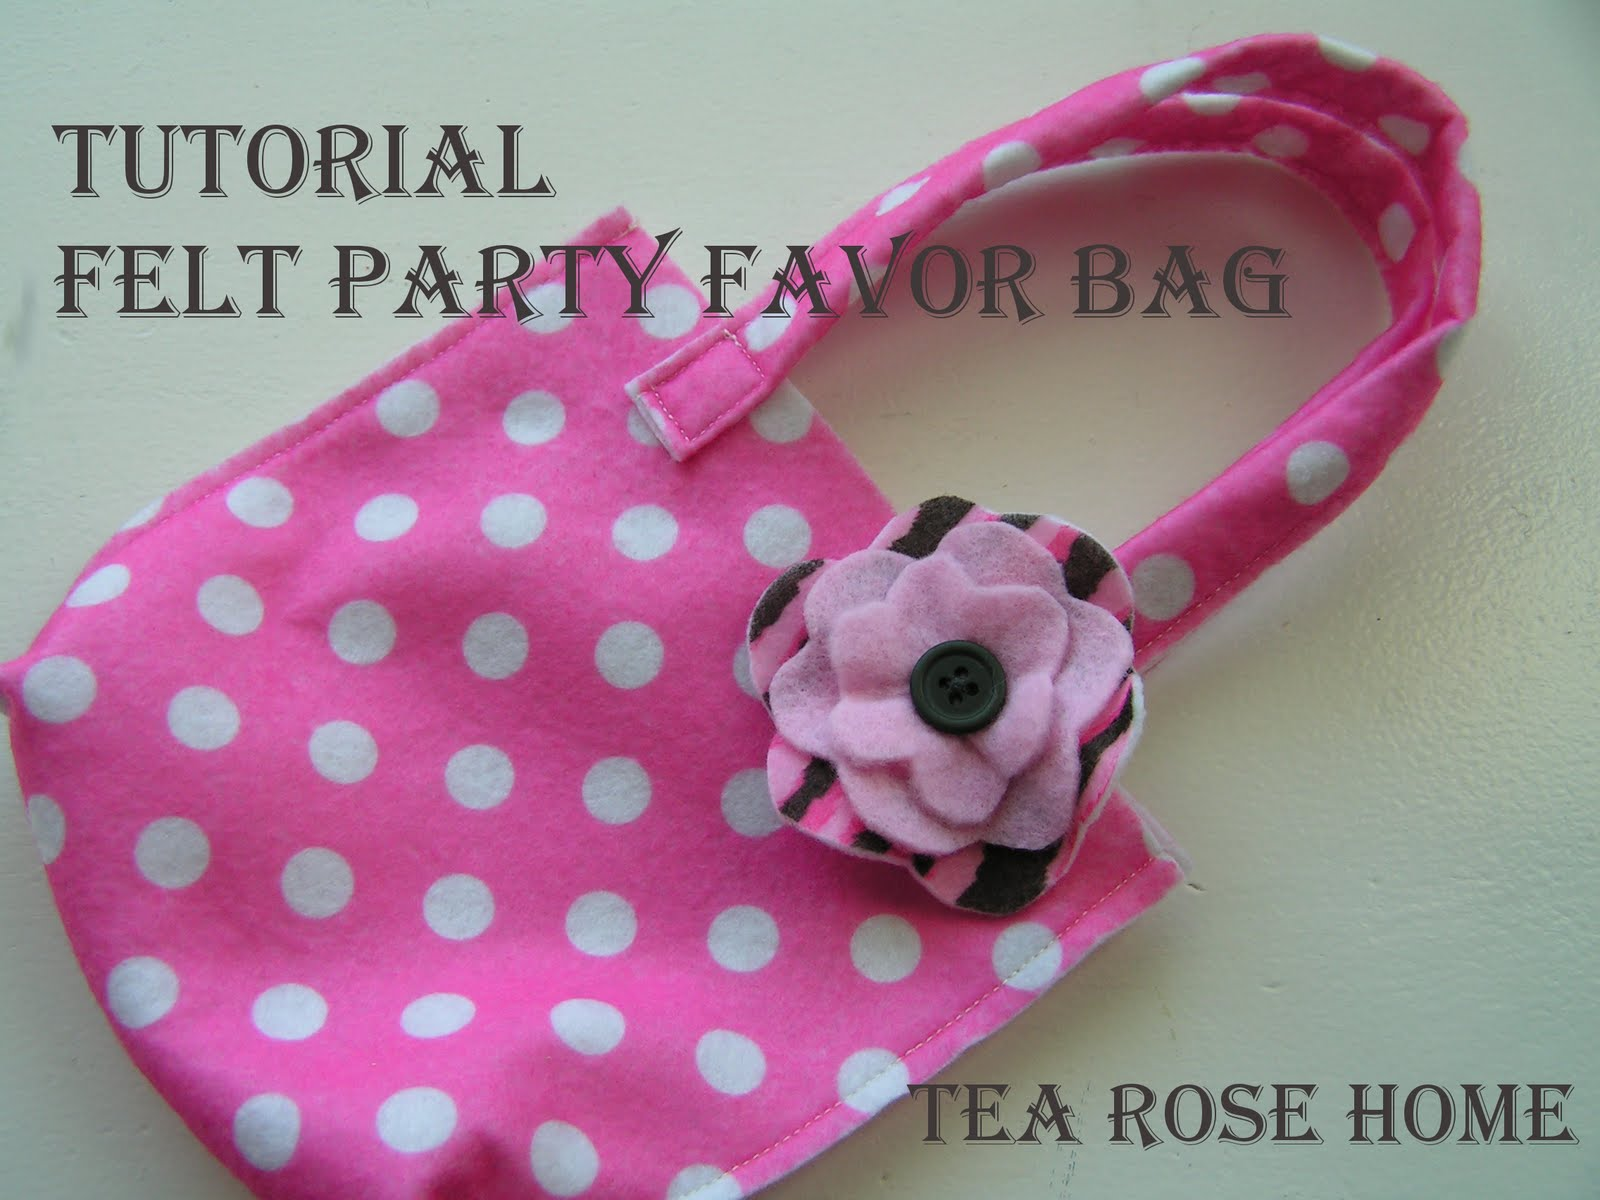 Tea Rose Home: Tutorial ~ Felt Party Favor Bag ~